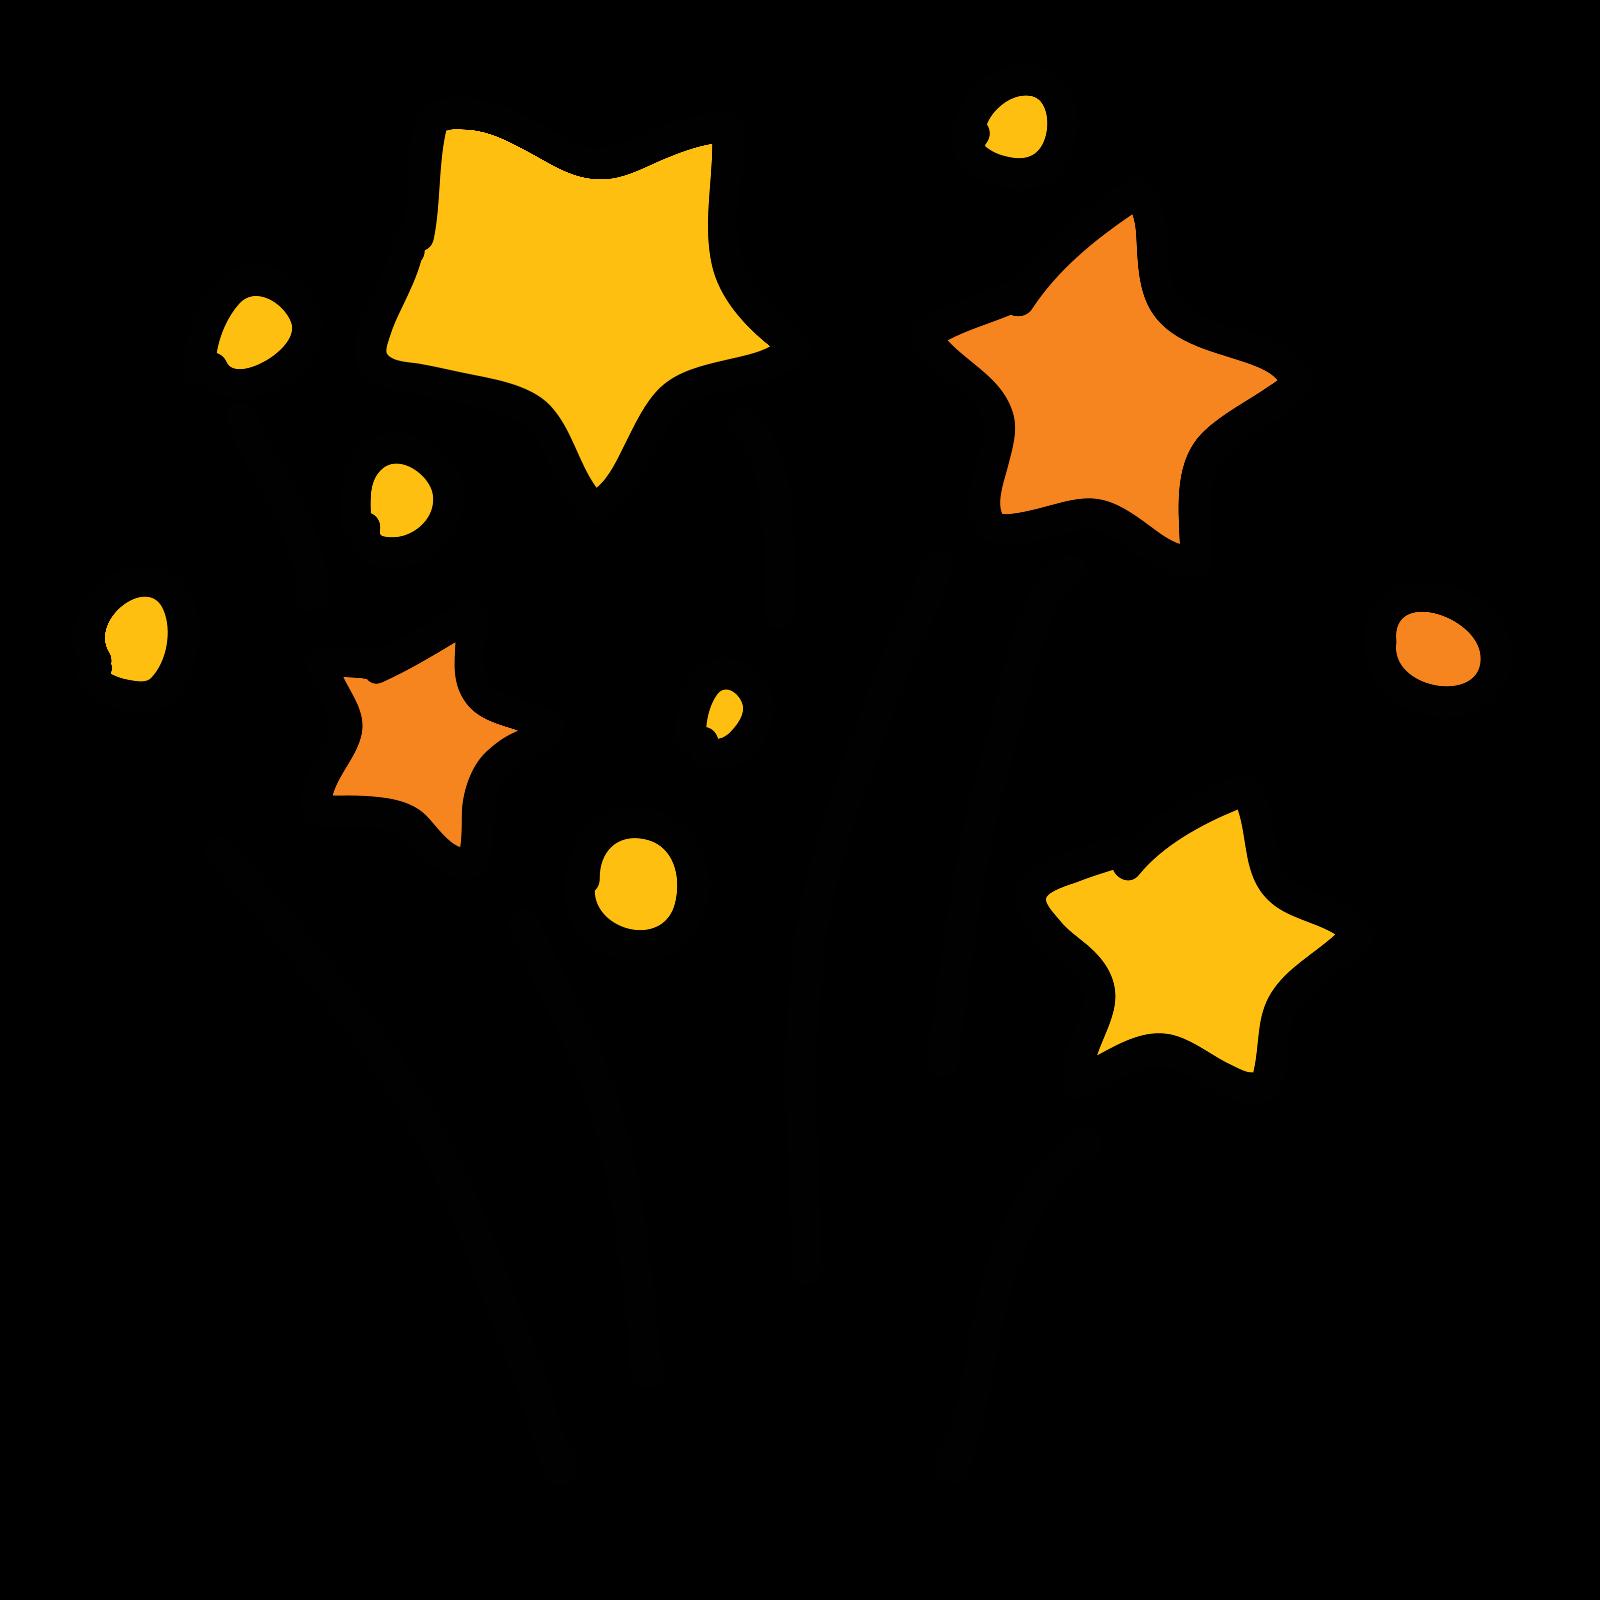 Firework Explosion icon